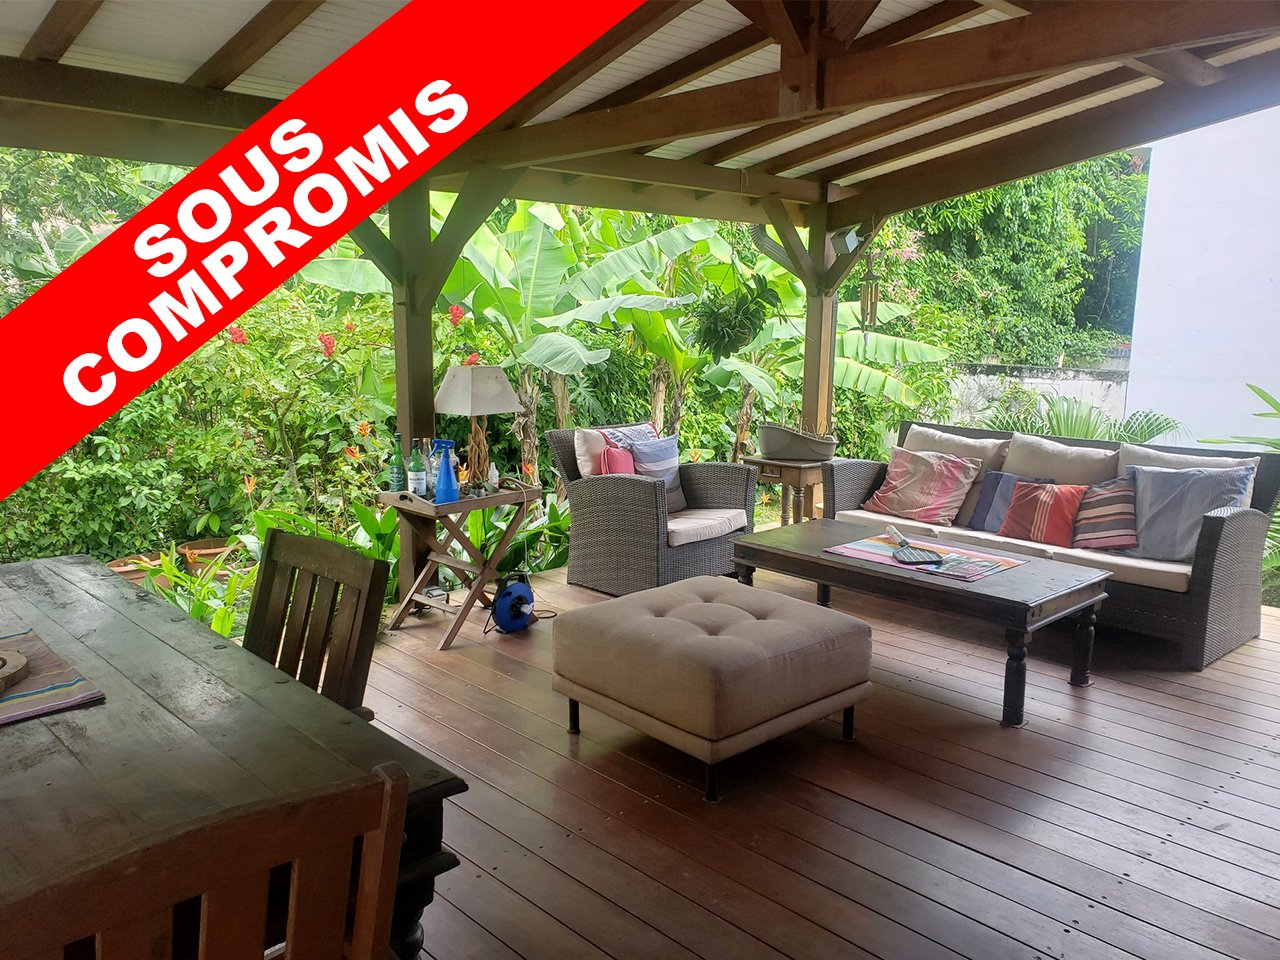 EXCLUSIVITE FORT-DE-FRANCE - CLAIRIERE : Belle villa au calme dans un jardin tropical